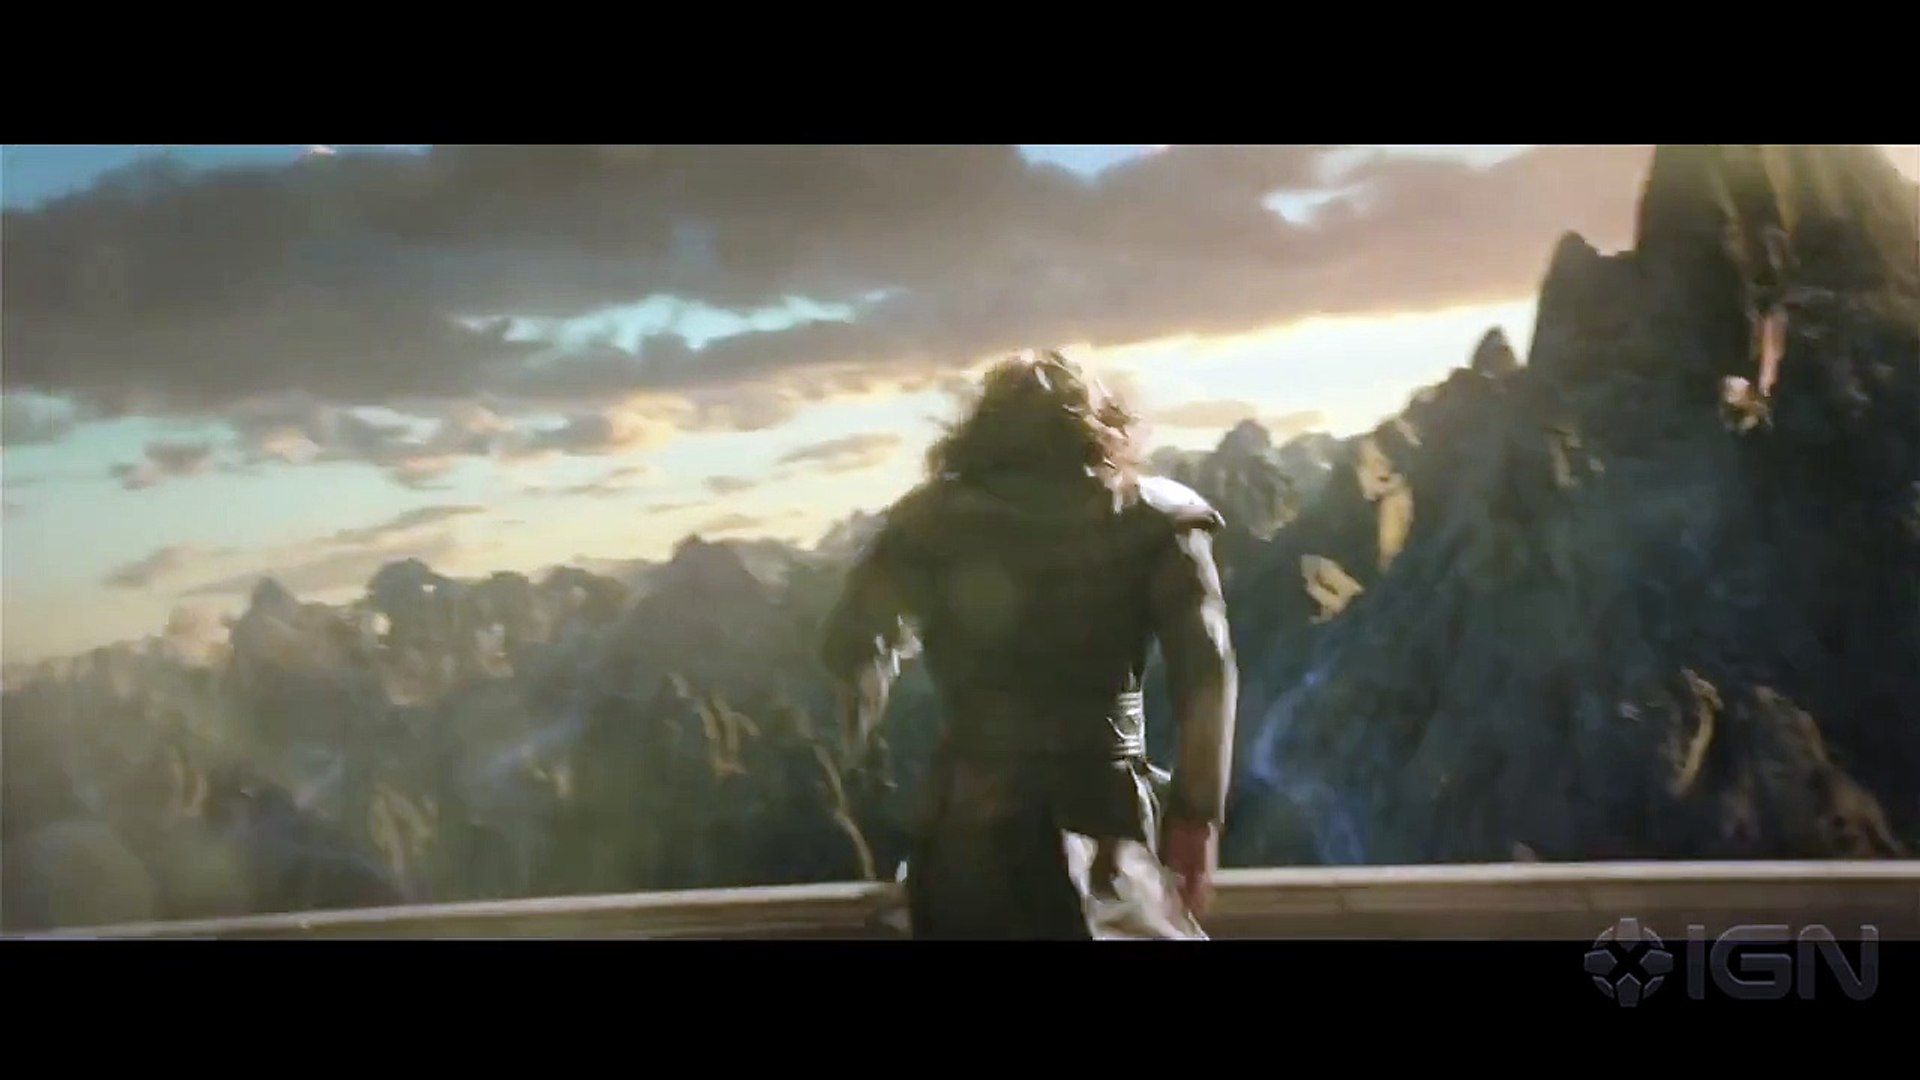 Warcraft - Teaser Trailer - Movie Trailers